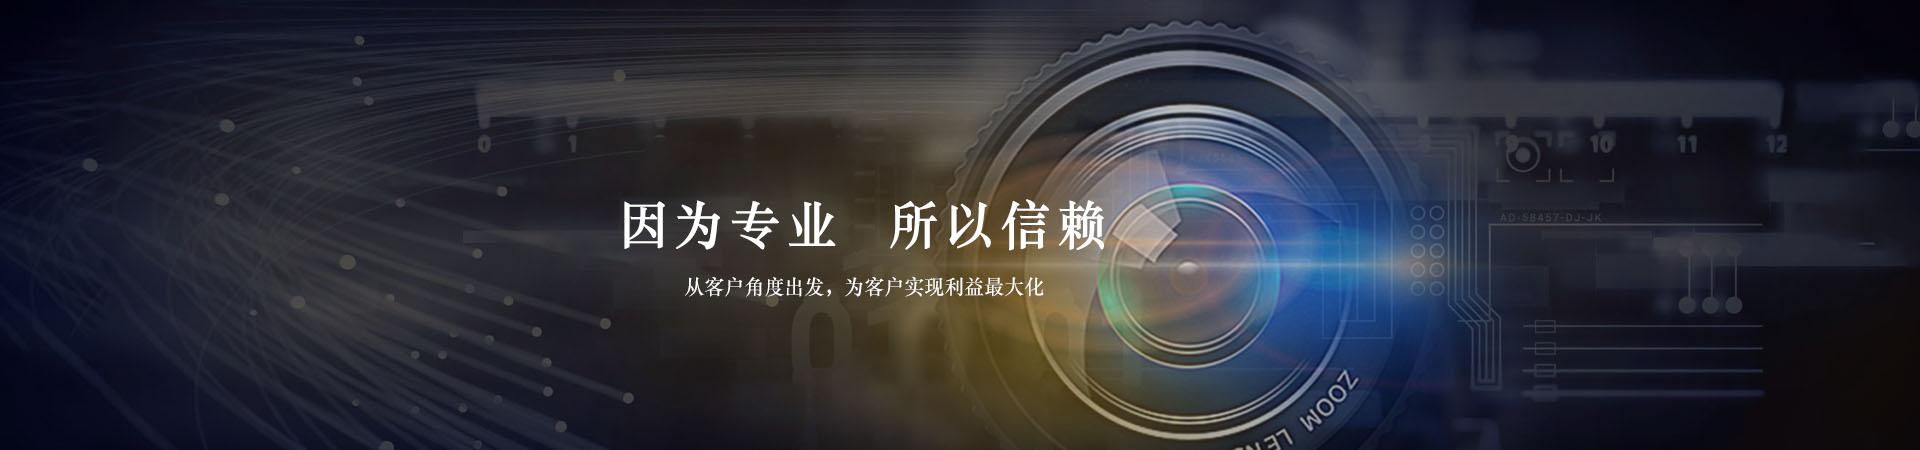 机器视觉工业相机